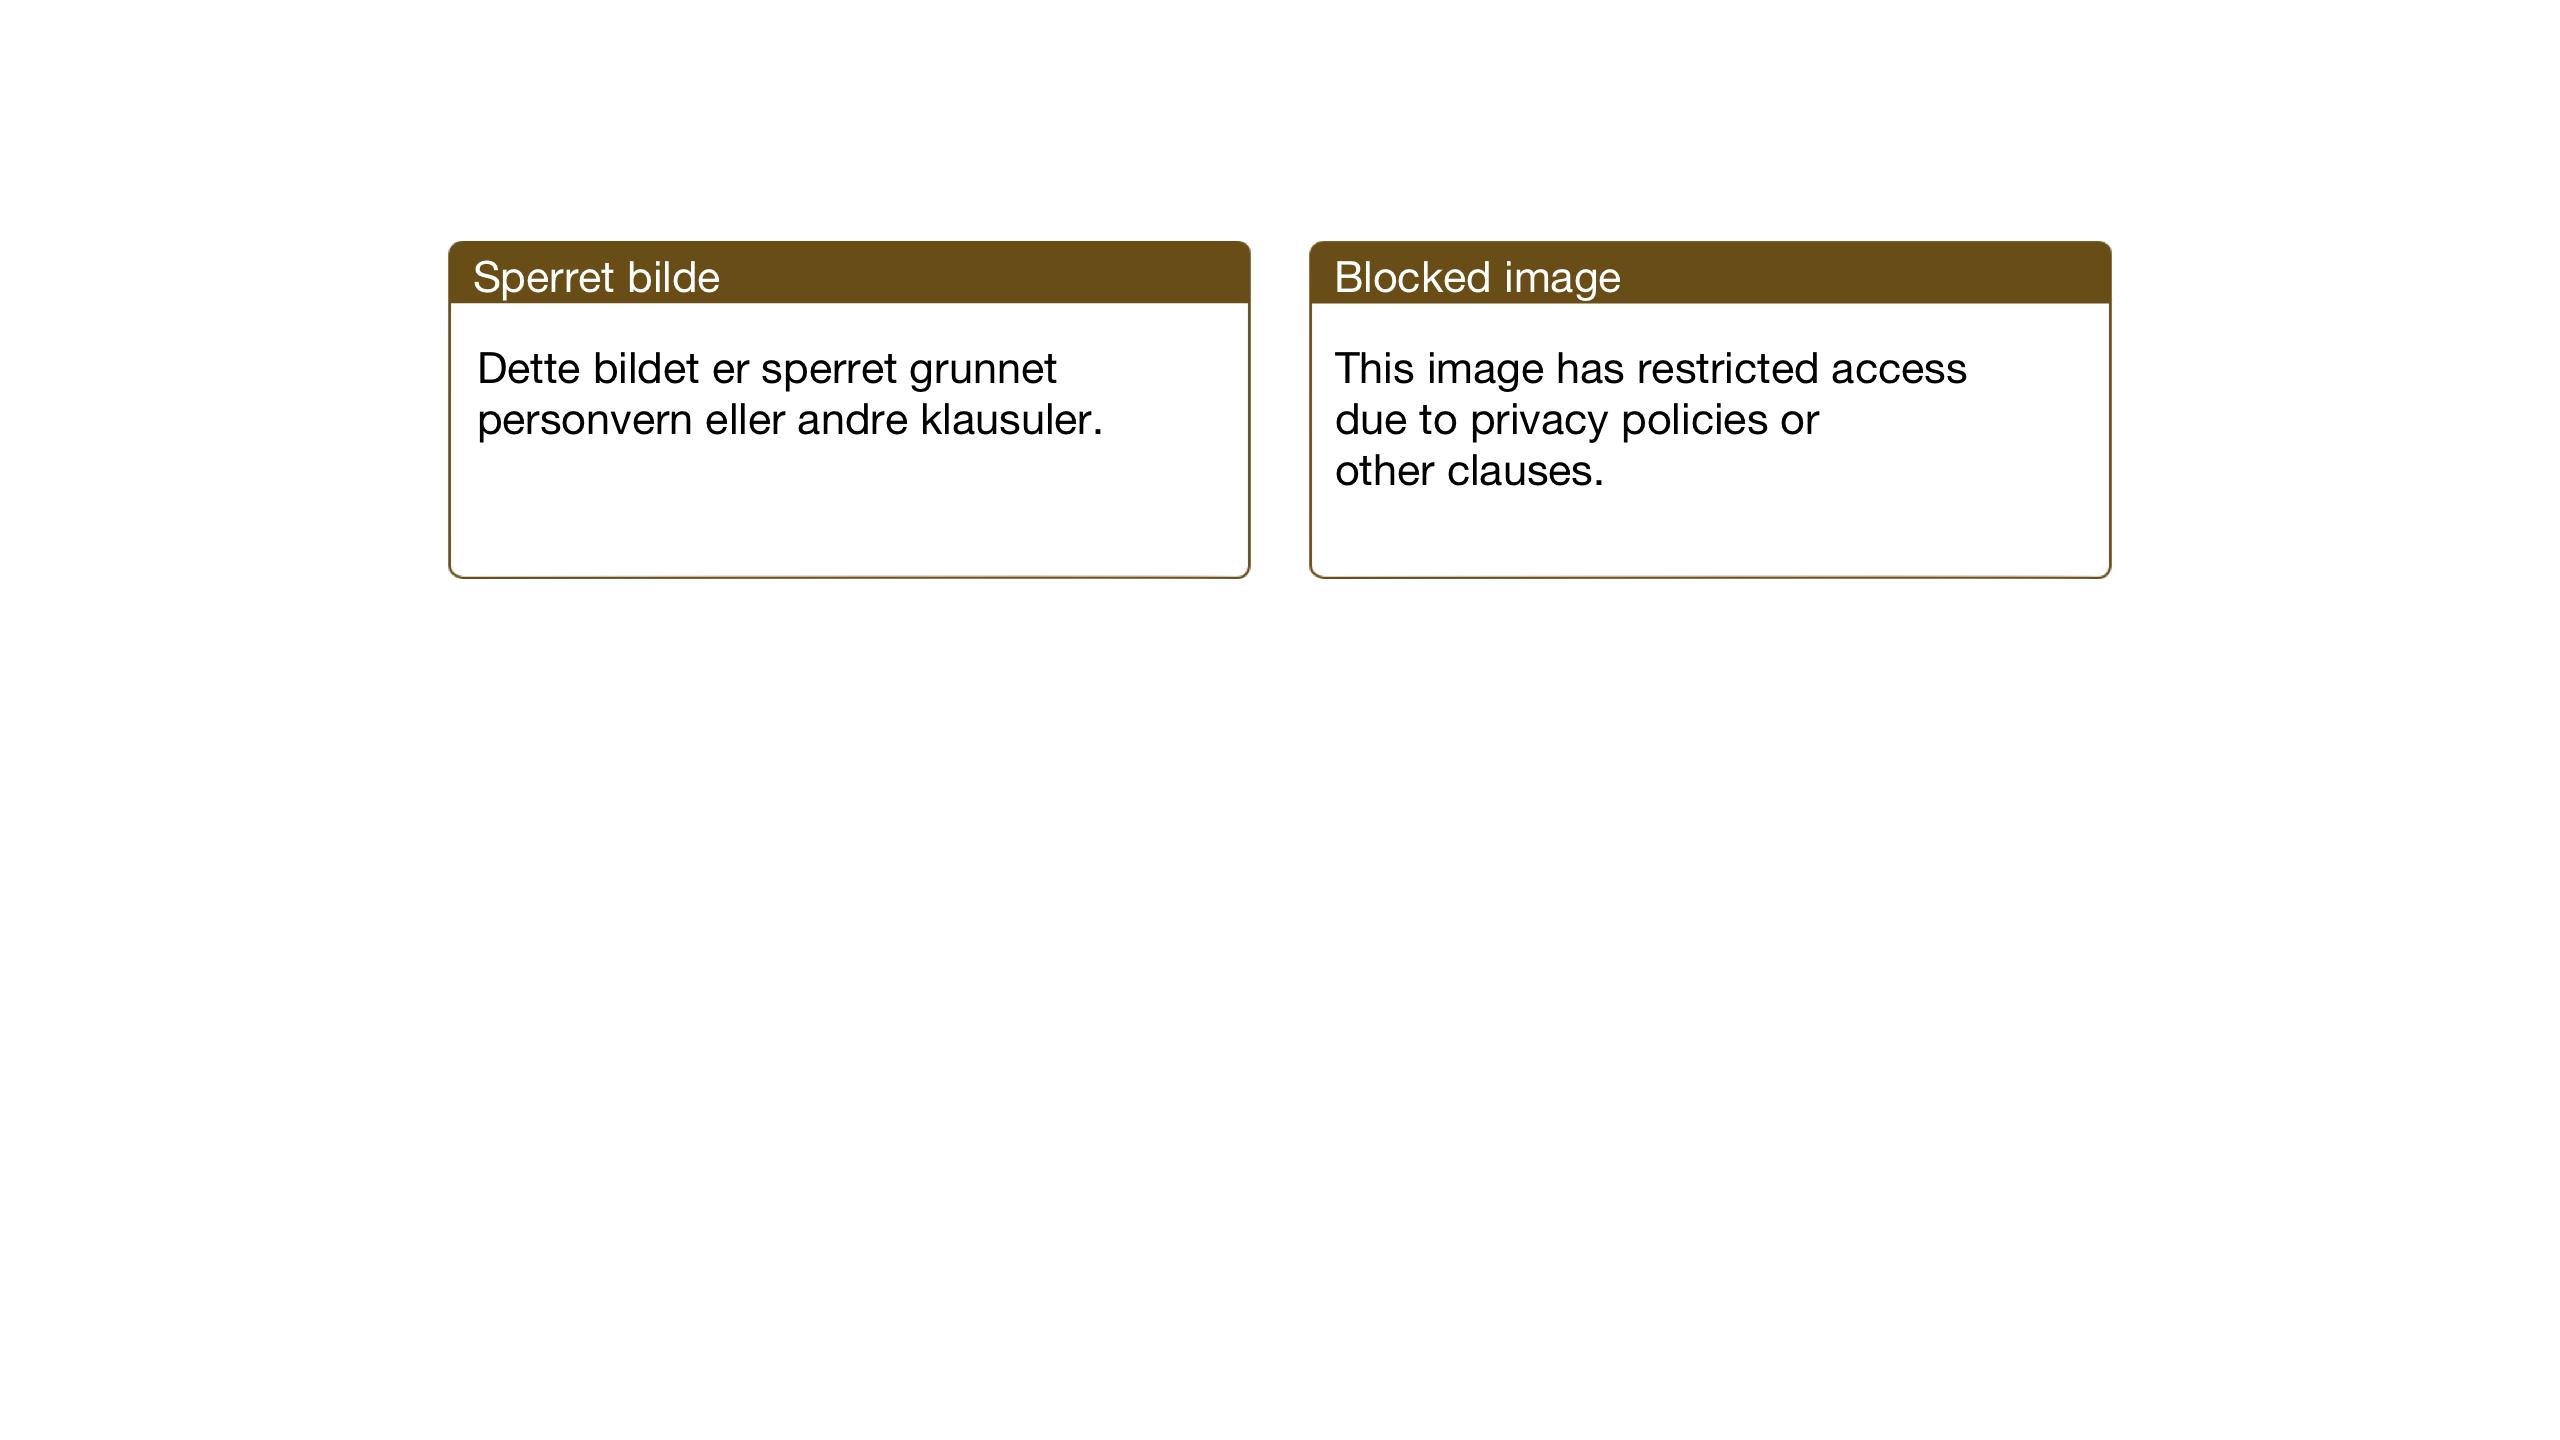 SAT, Ministerialprotokoller, klokkerbøker og fødselsregistre - Nord-Trøndelag, 701/L0019: Klokkerbok nr. 701C03, 1930-1953, s. 71